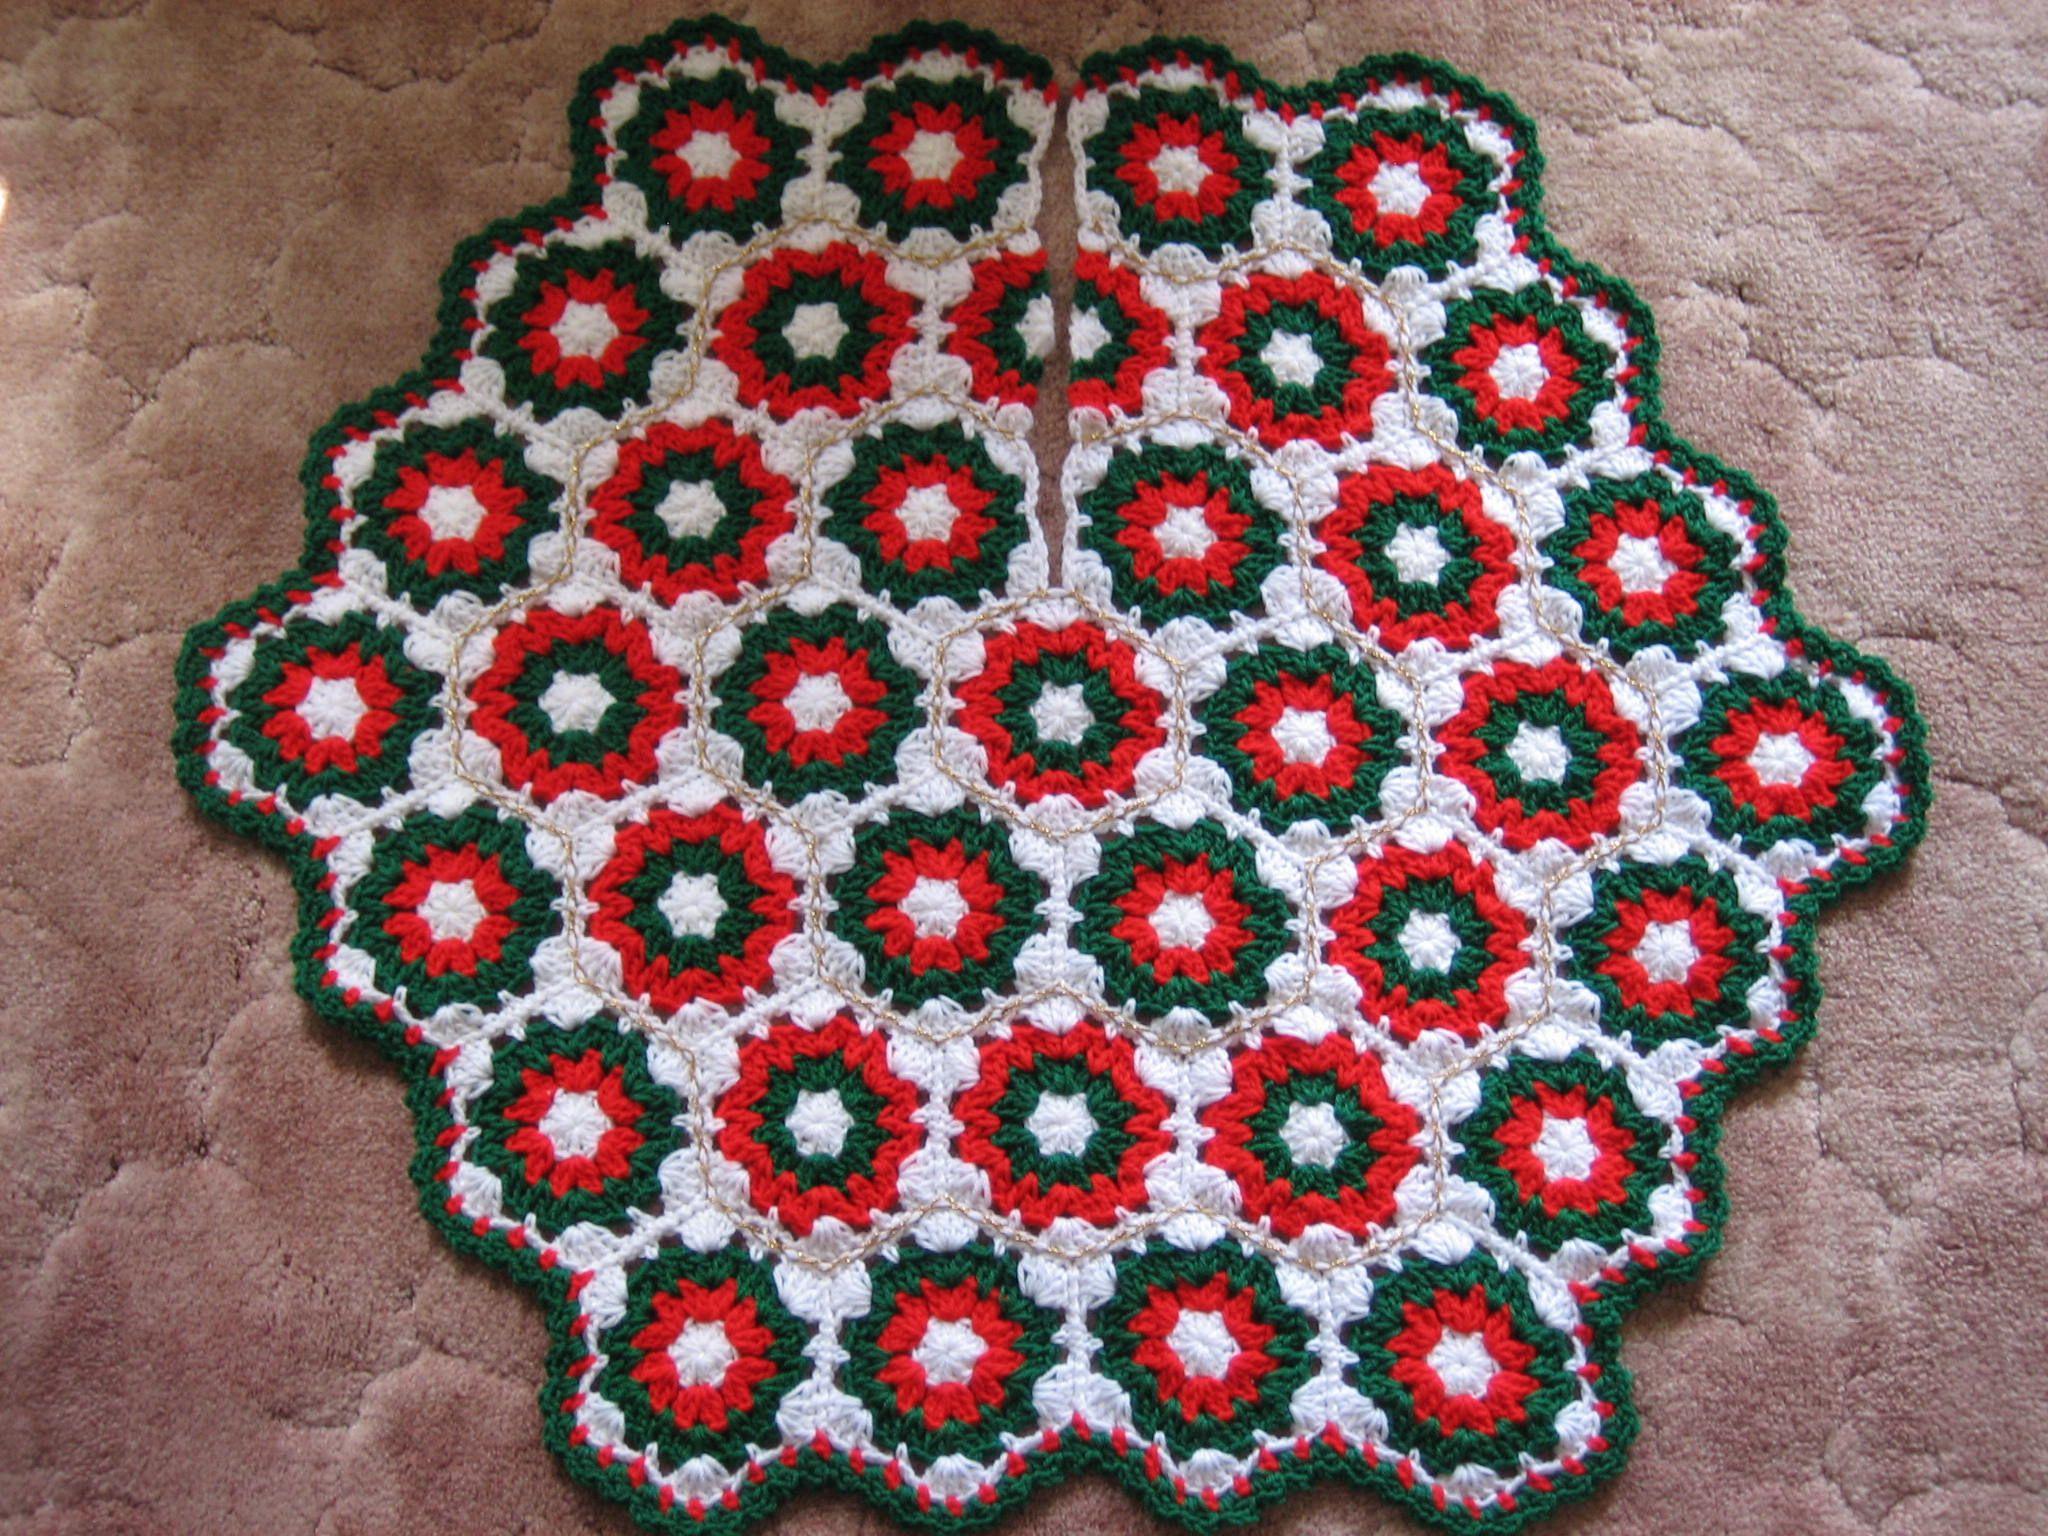 Crochet Christmas Tree Skirt | Crochet christmas trees, Crochet ...